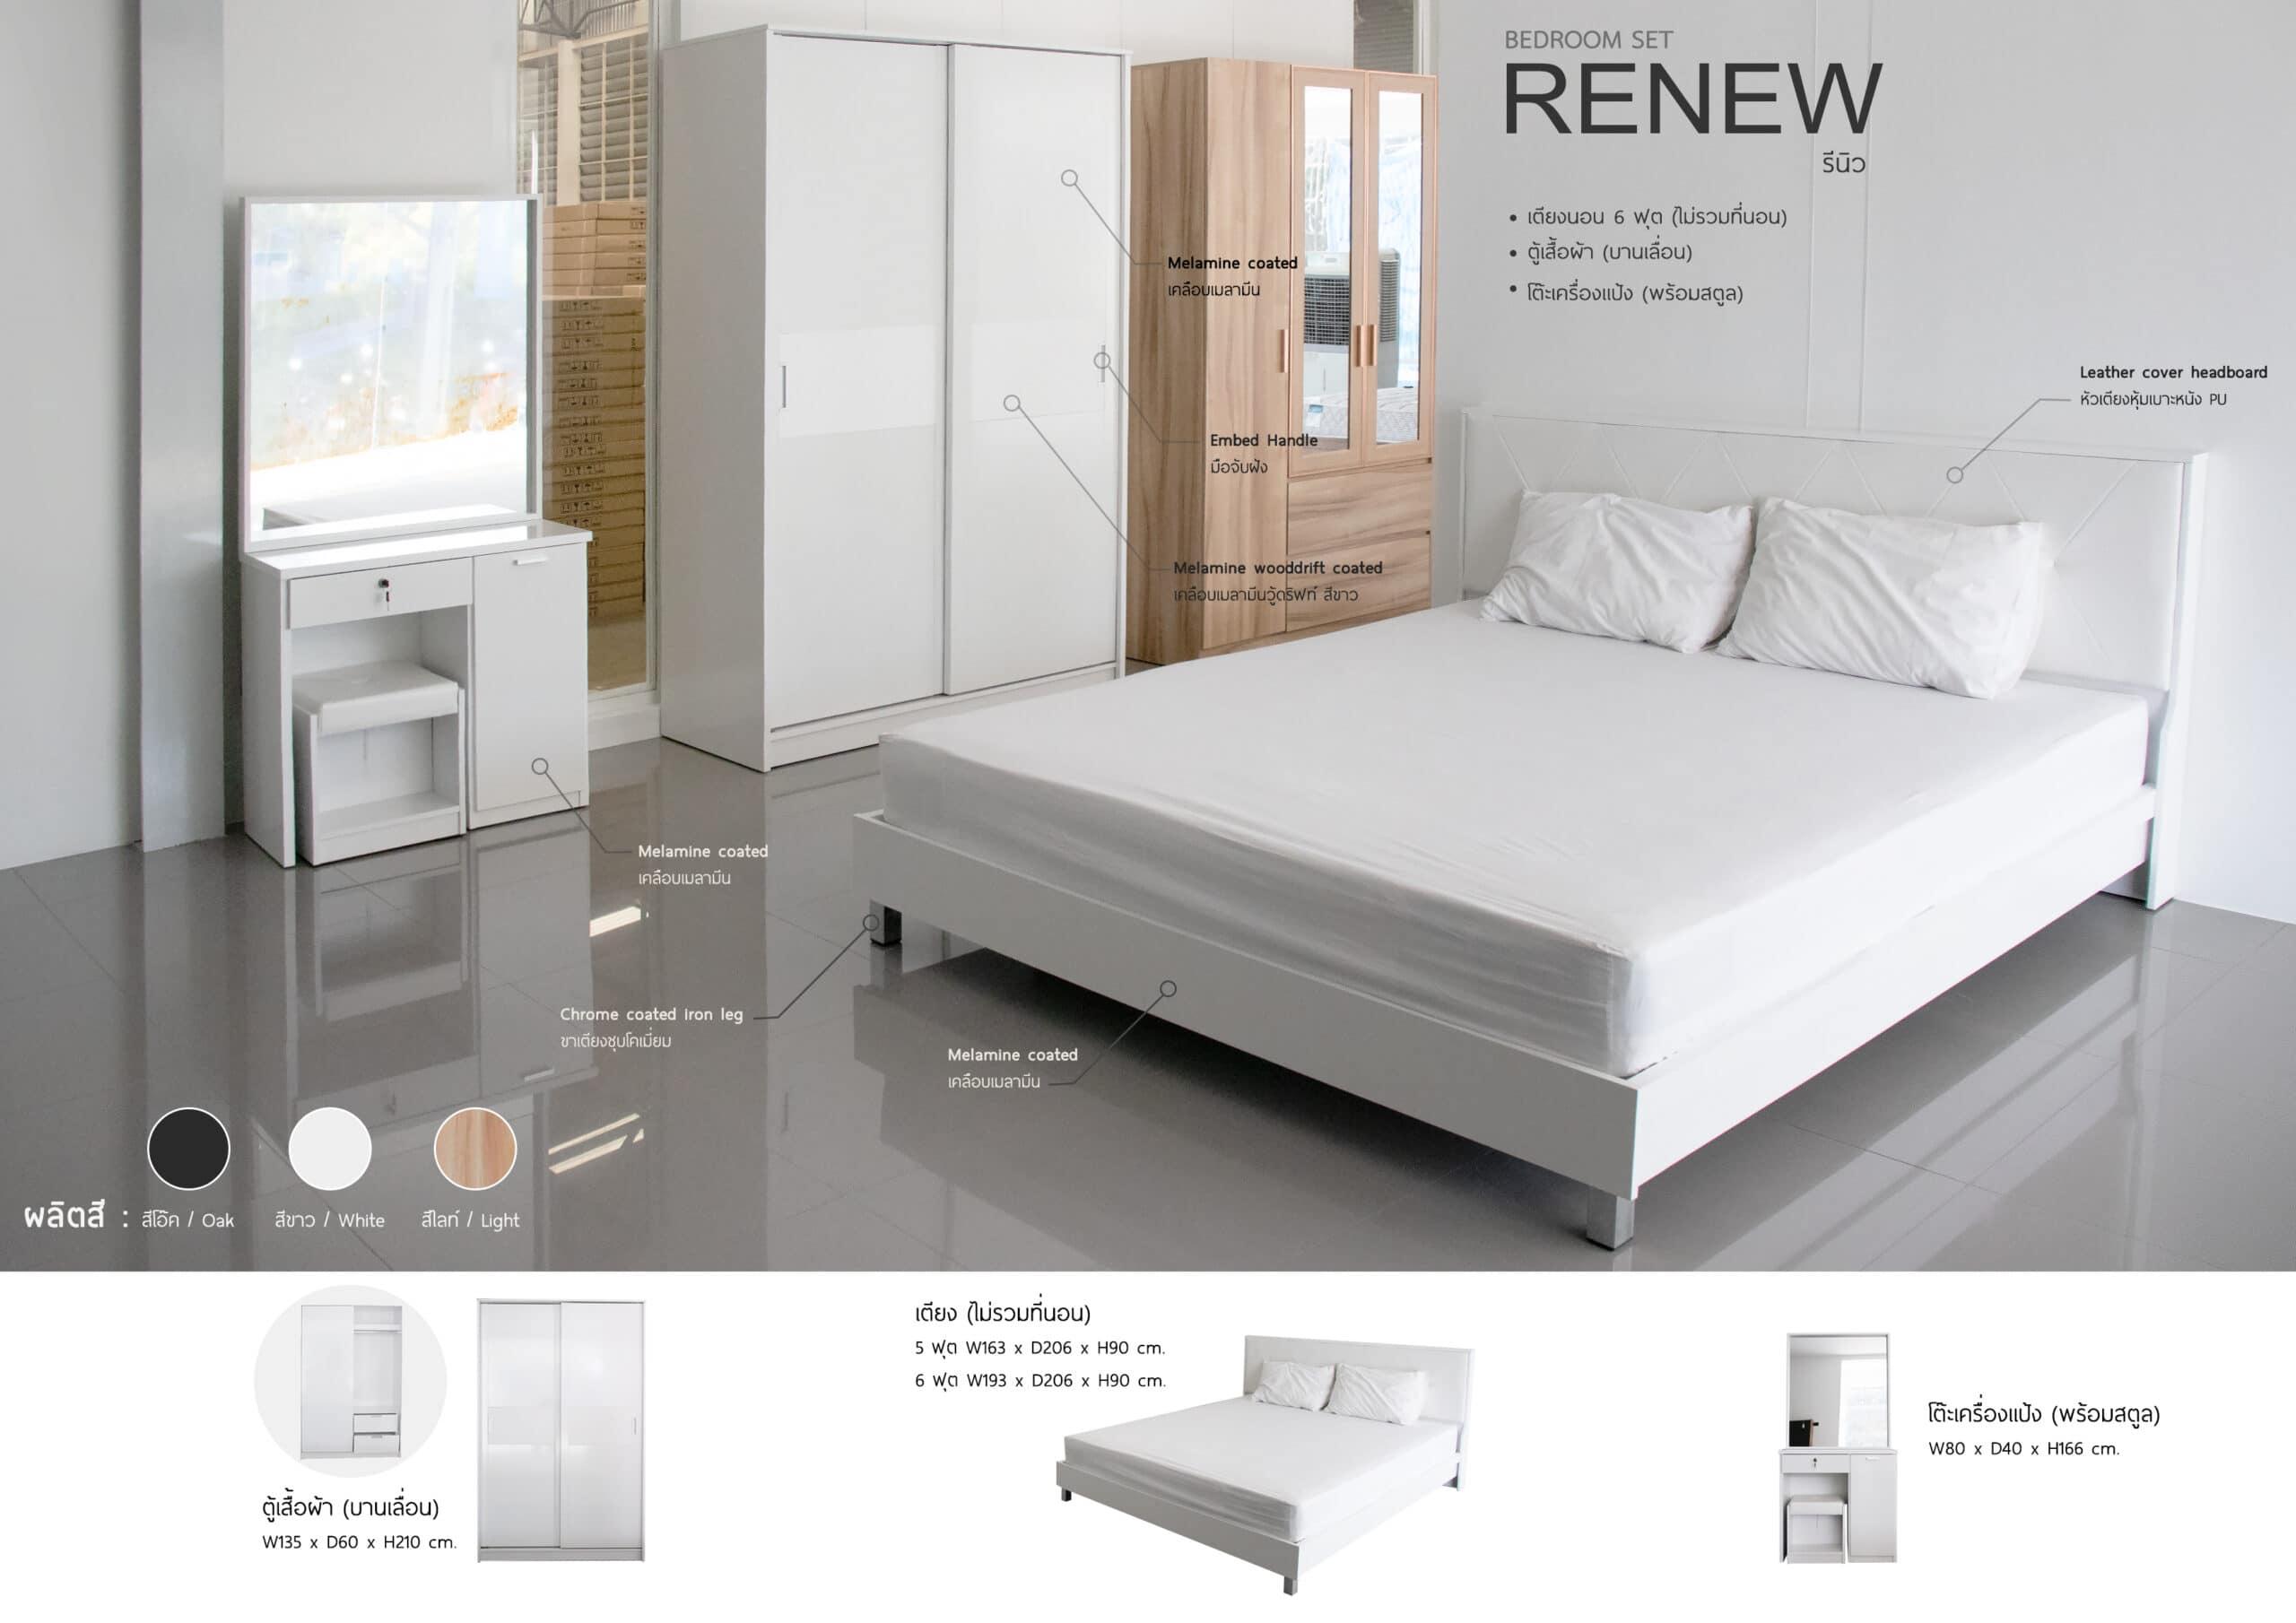 ชุดห้องนอน Renew The Room Furniture